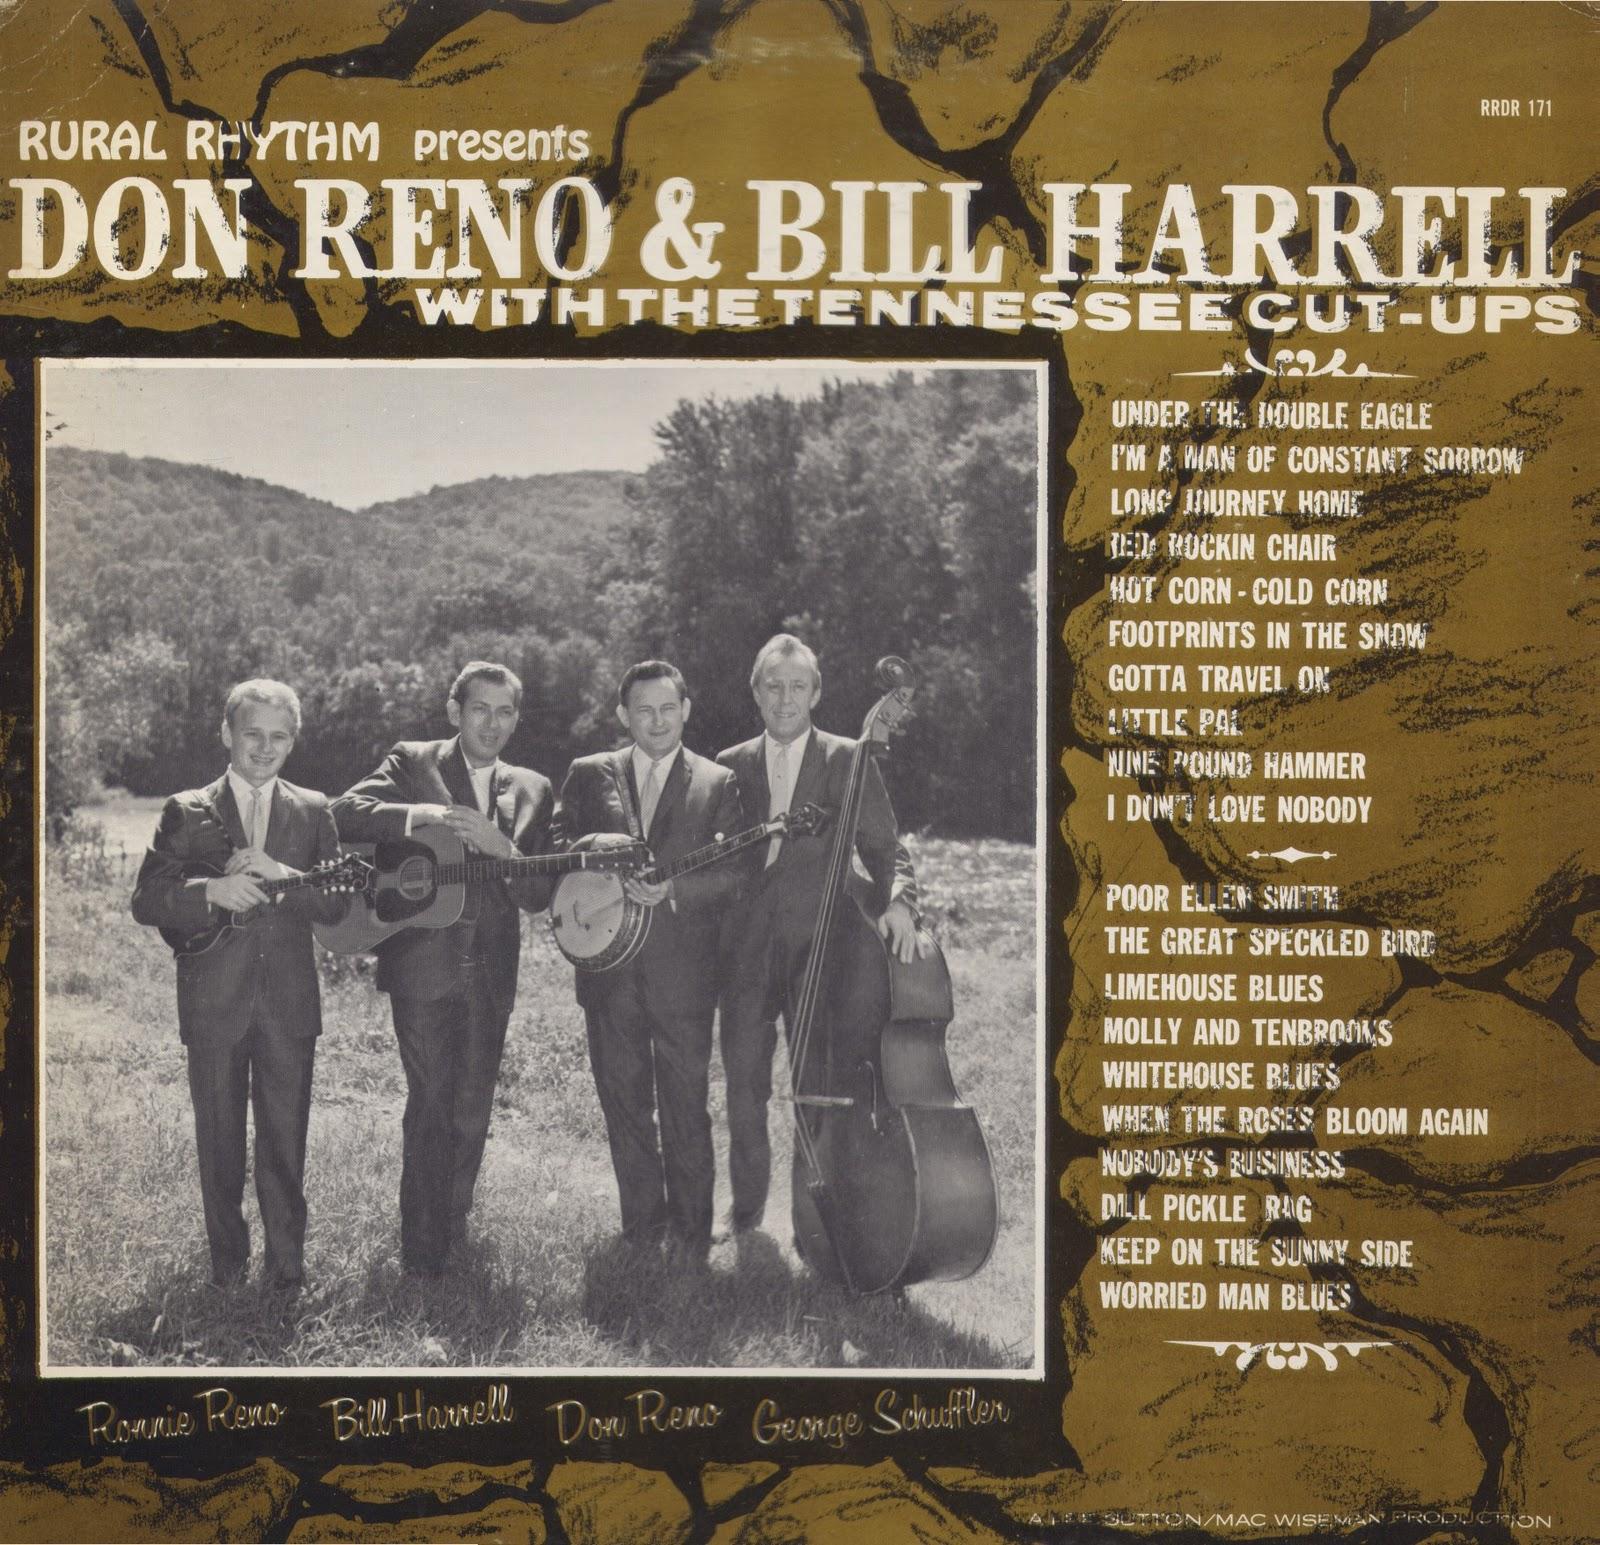 http://4.bp.blogspot.com/_ubouXZnjidE/TPwrZU3Jv0I/AAAAAAAAArw/VJTXodWN8Pg/s1600/Don+Reno+&+Bill+Harrell+with+the+Tennessee+Cut-ups+f.jpg